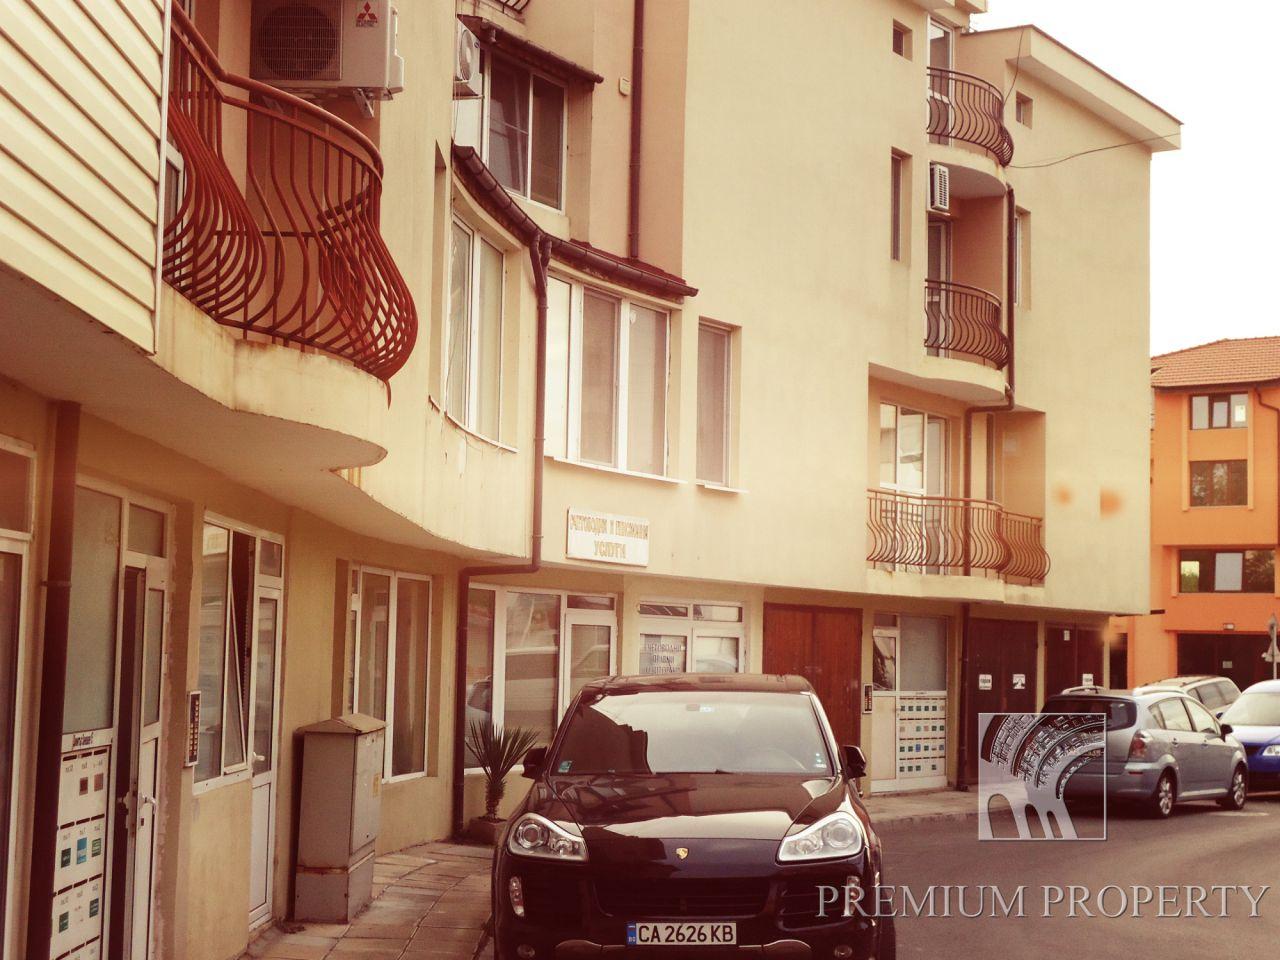 Апартаменты в Несебре, Болгария, 73 м2 - фото 1